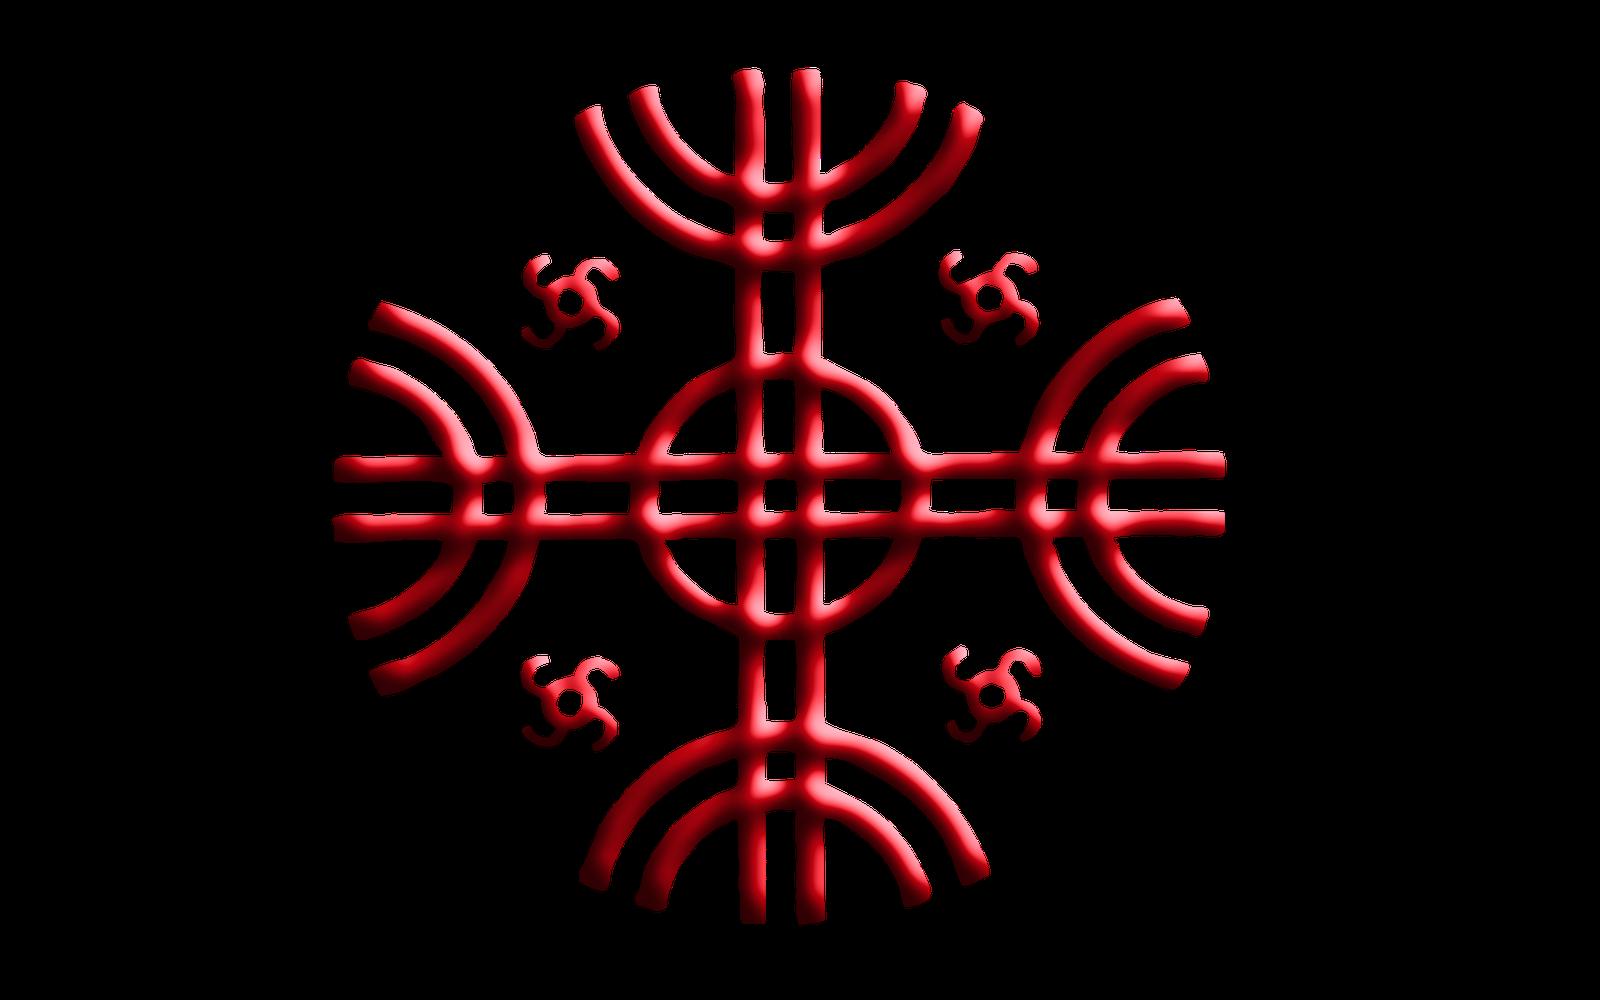 DISEÑO MAPUCHE-MELI WITRAN MAPU - CULTRUM